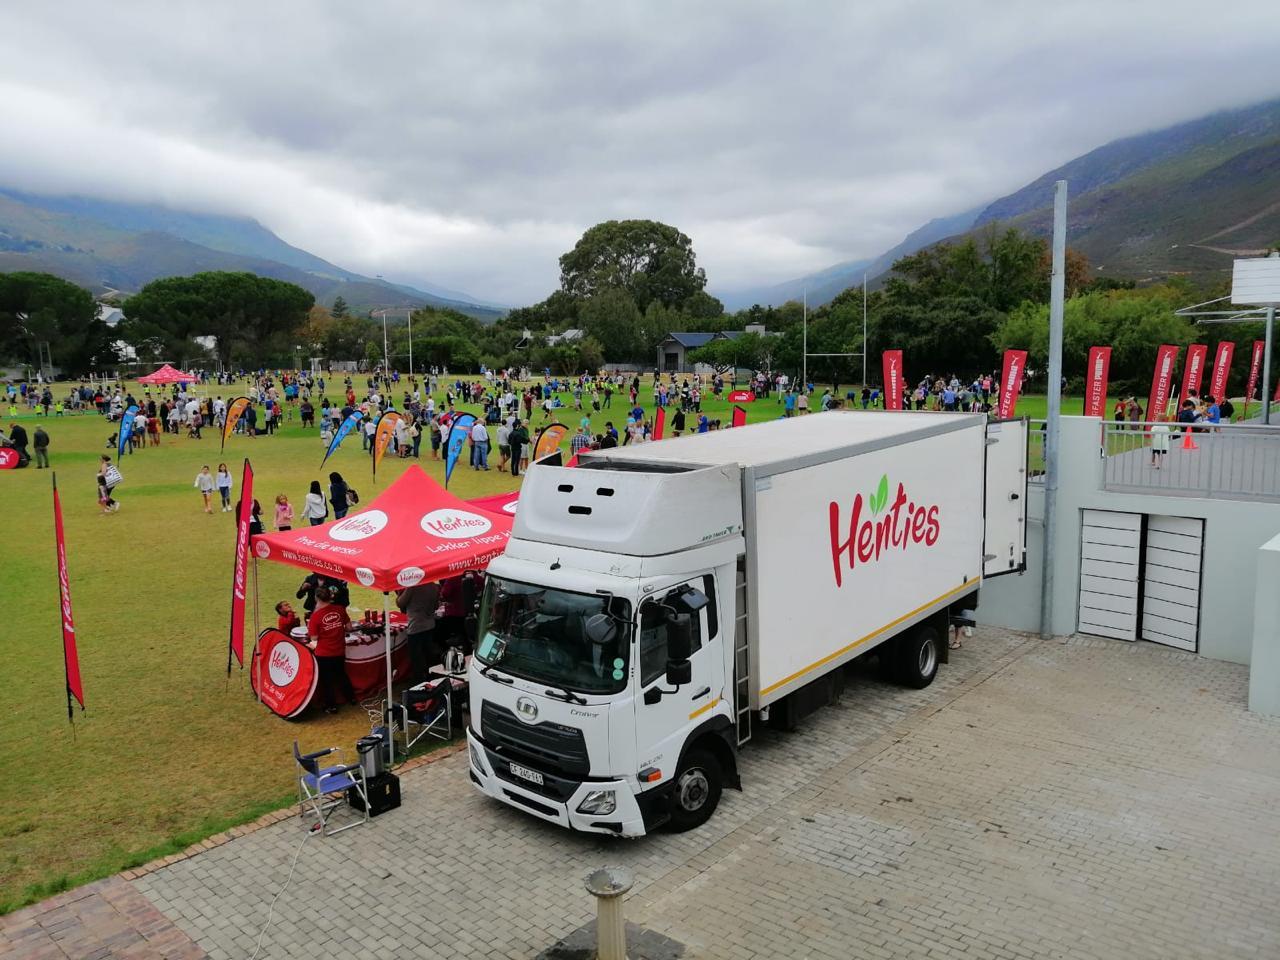 Henties Truck at School Event